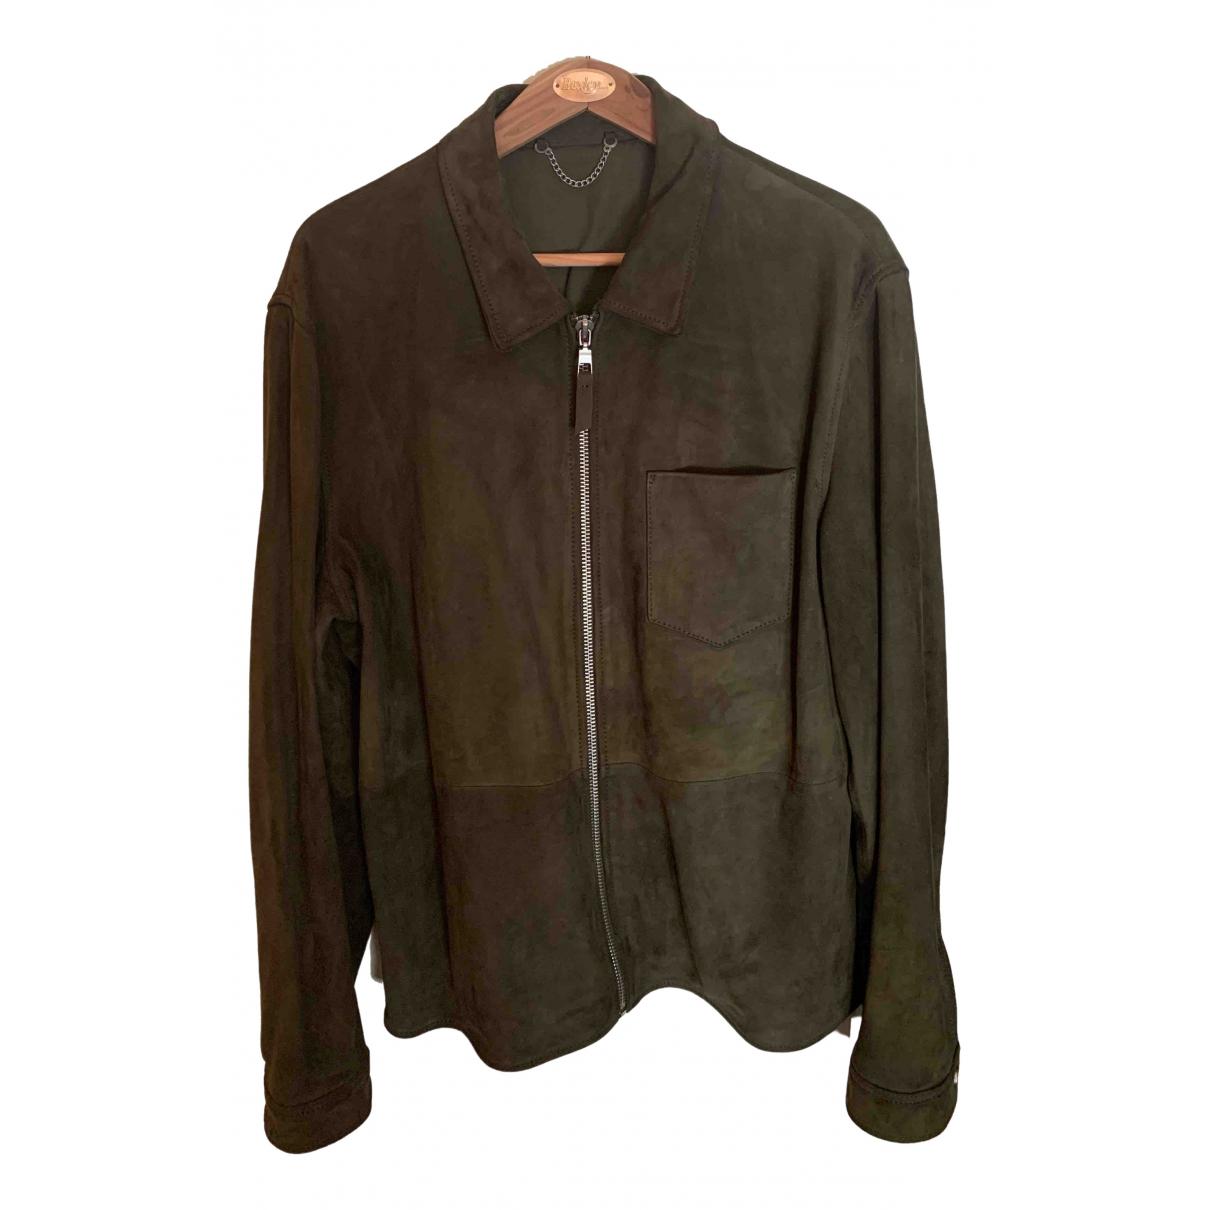 Zara - Vestes.Blousons   pour homme en cuir - kaki